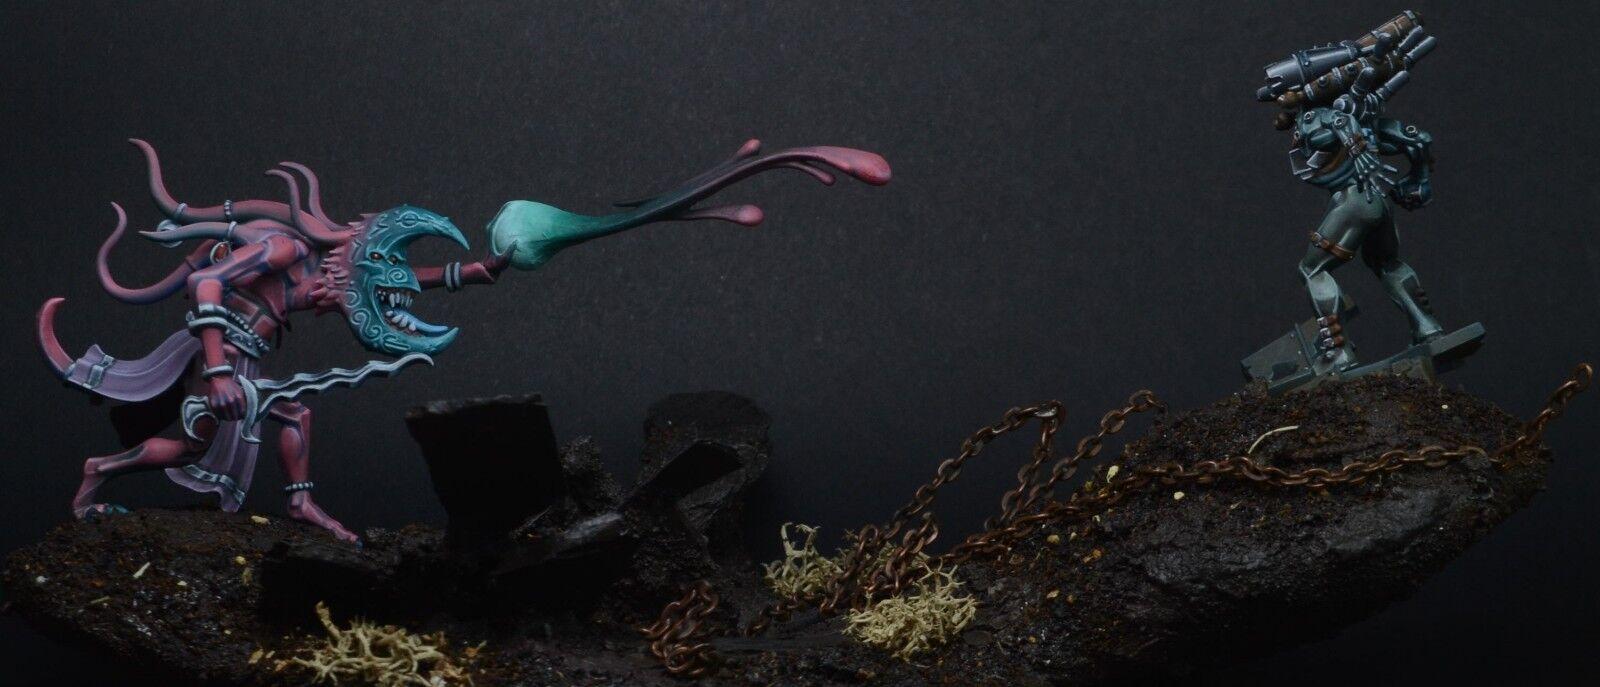 Culexus Assassin - Tzeentch Herald - Duel - golden Demon Finalist